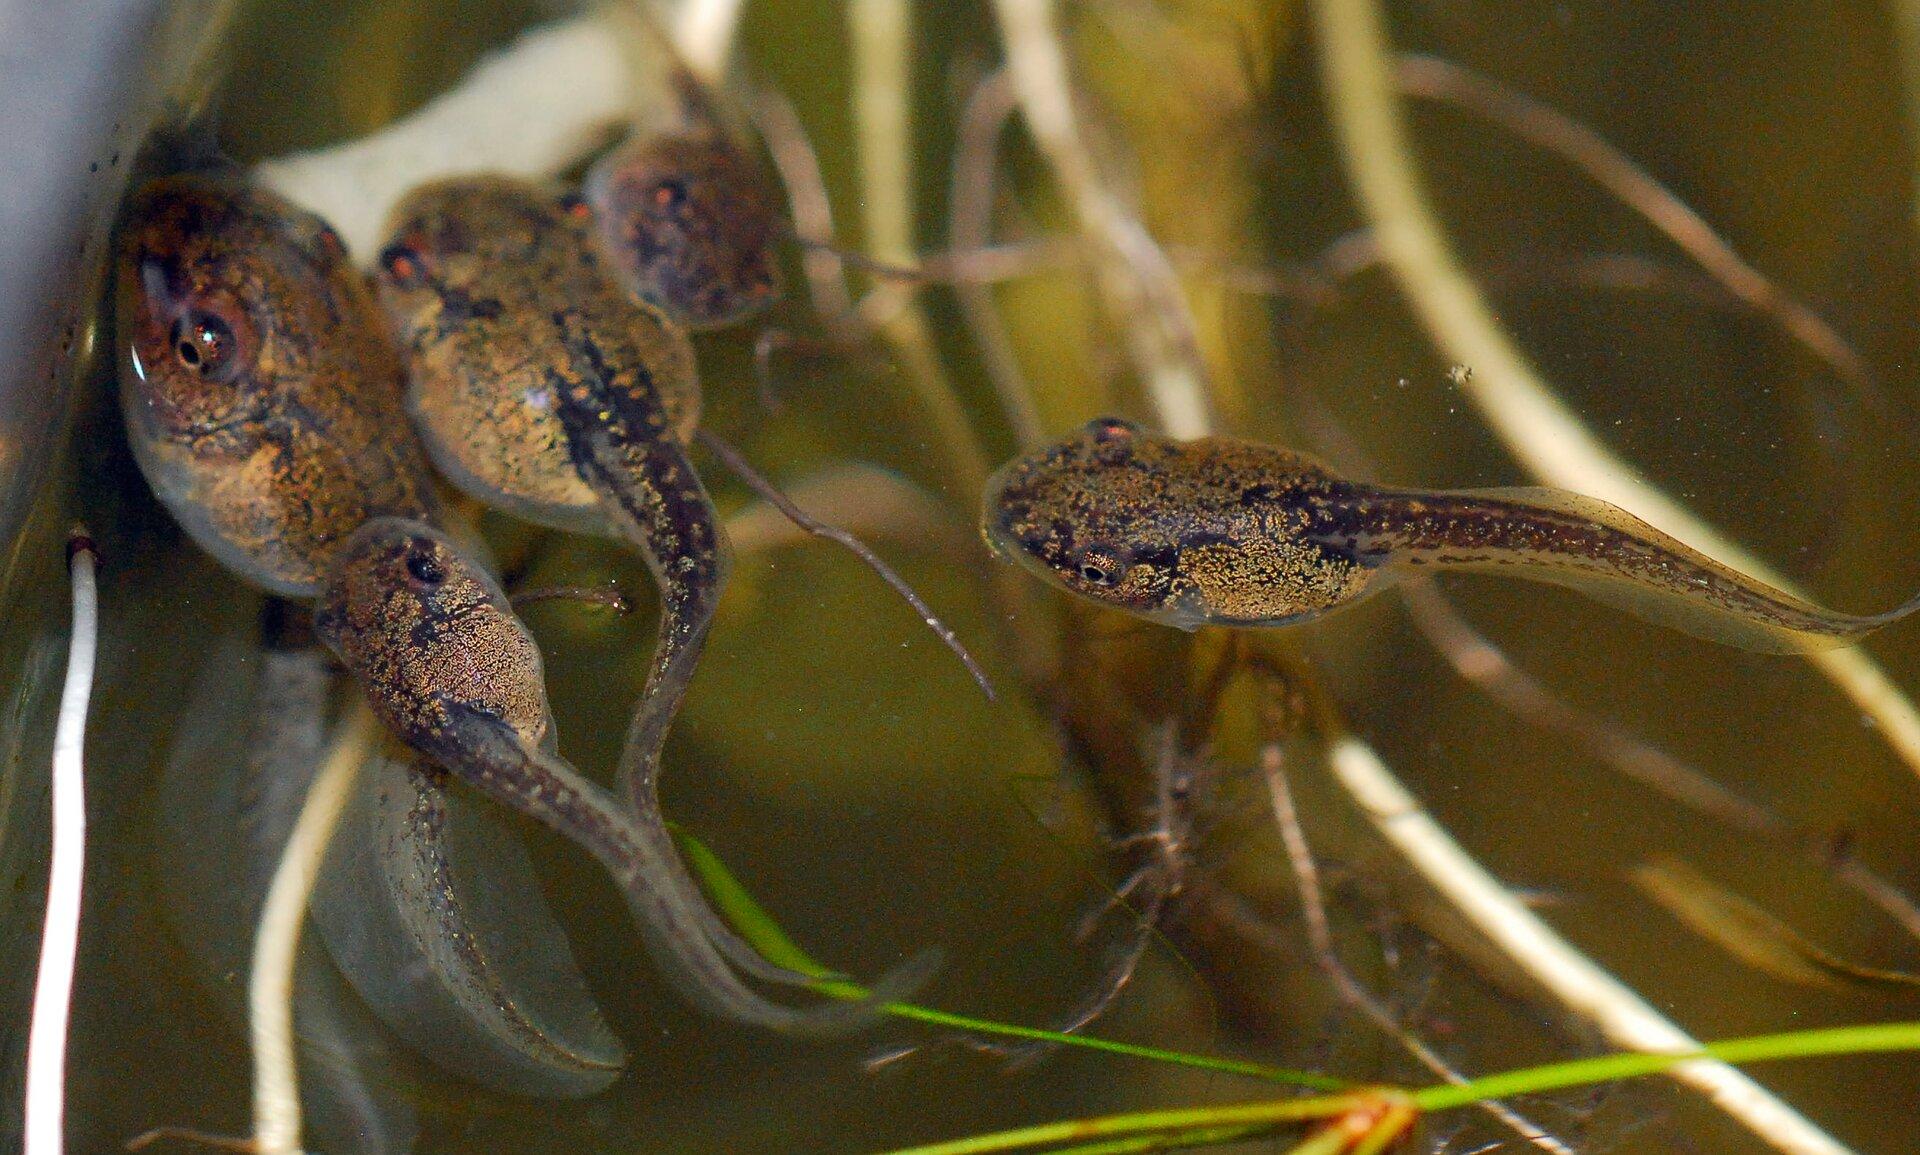 Fotografia kijanek pływających wwodzie. Każda kijanka ma jajowate ciało barwy zielonej zlicznymi czarnymi kropkami. Ztyłu ciała znajduje się długi iwąski ogon. Wzdłuż górnej idolnej strony ogona znajduje się przezroczysta płetwa.